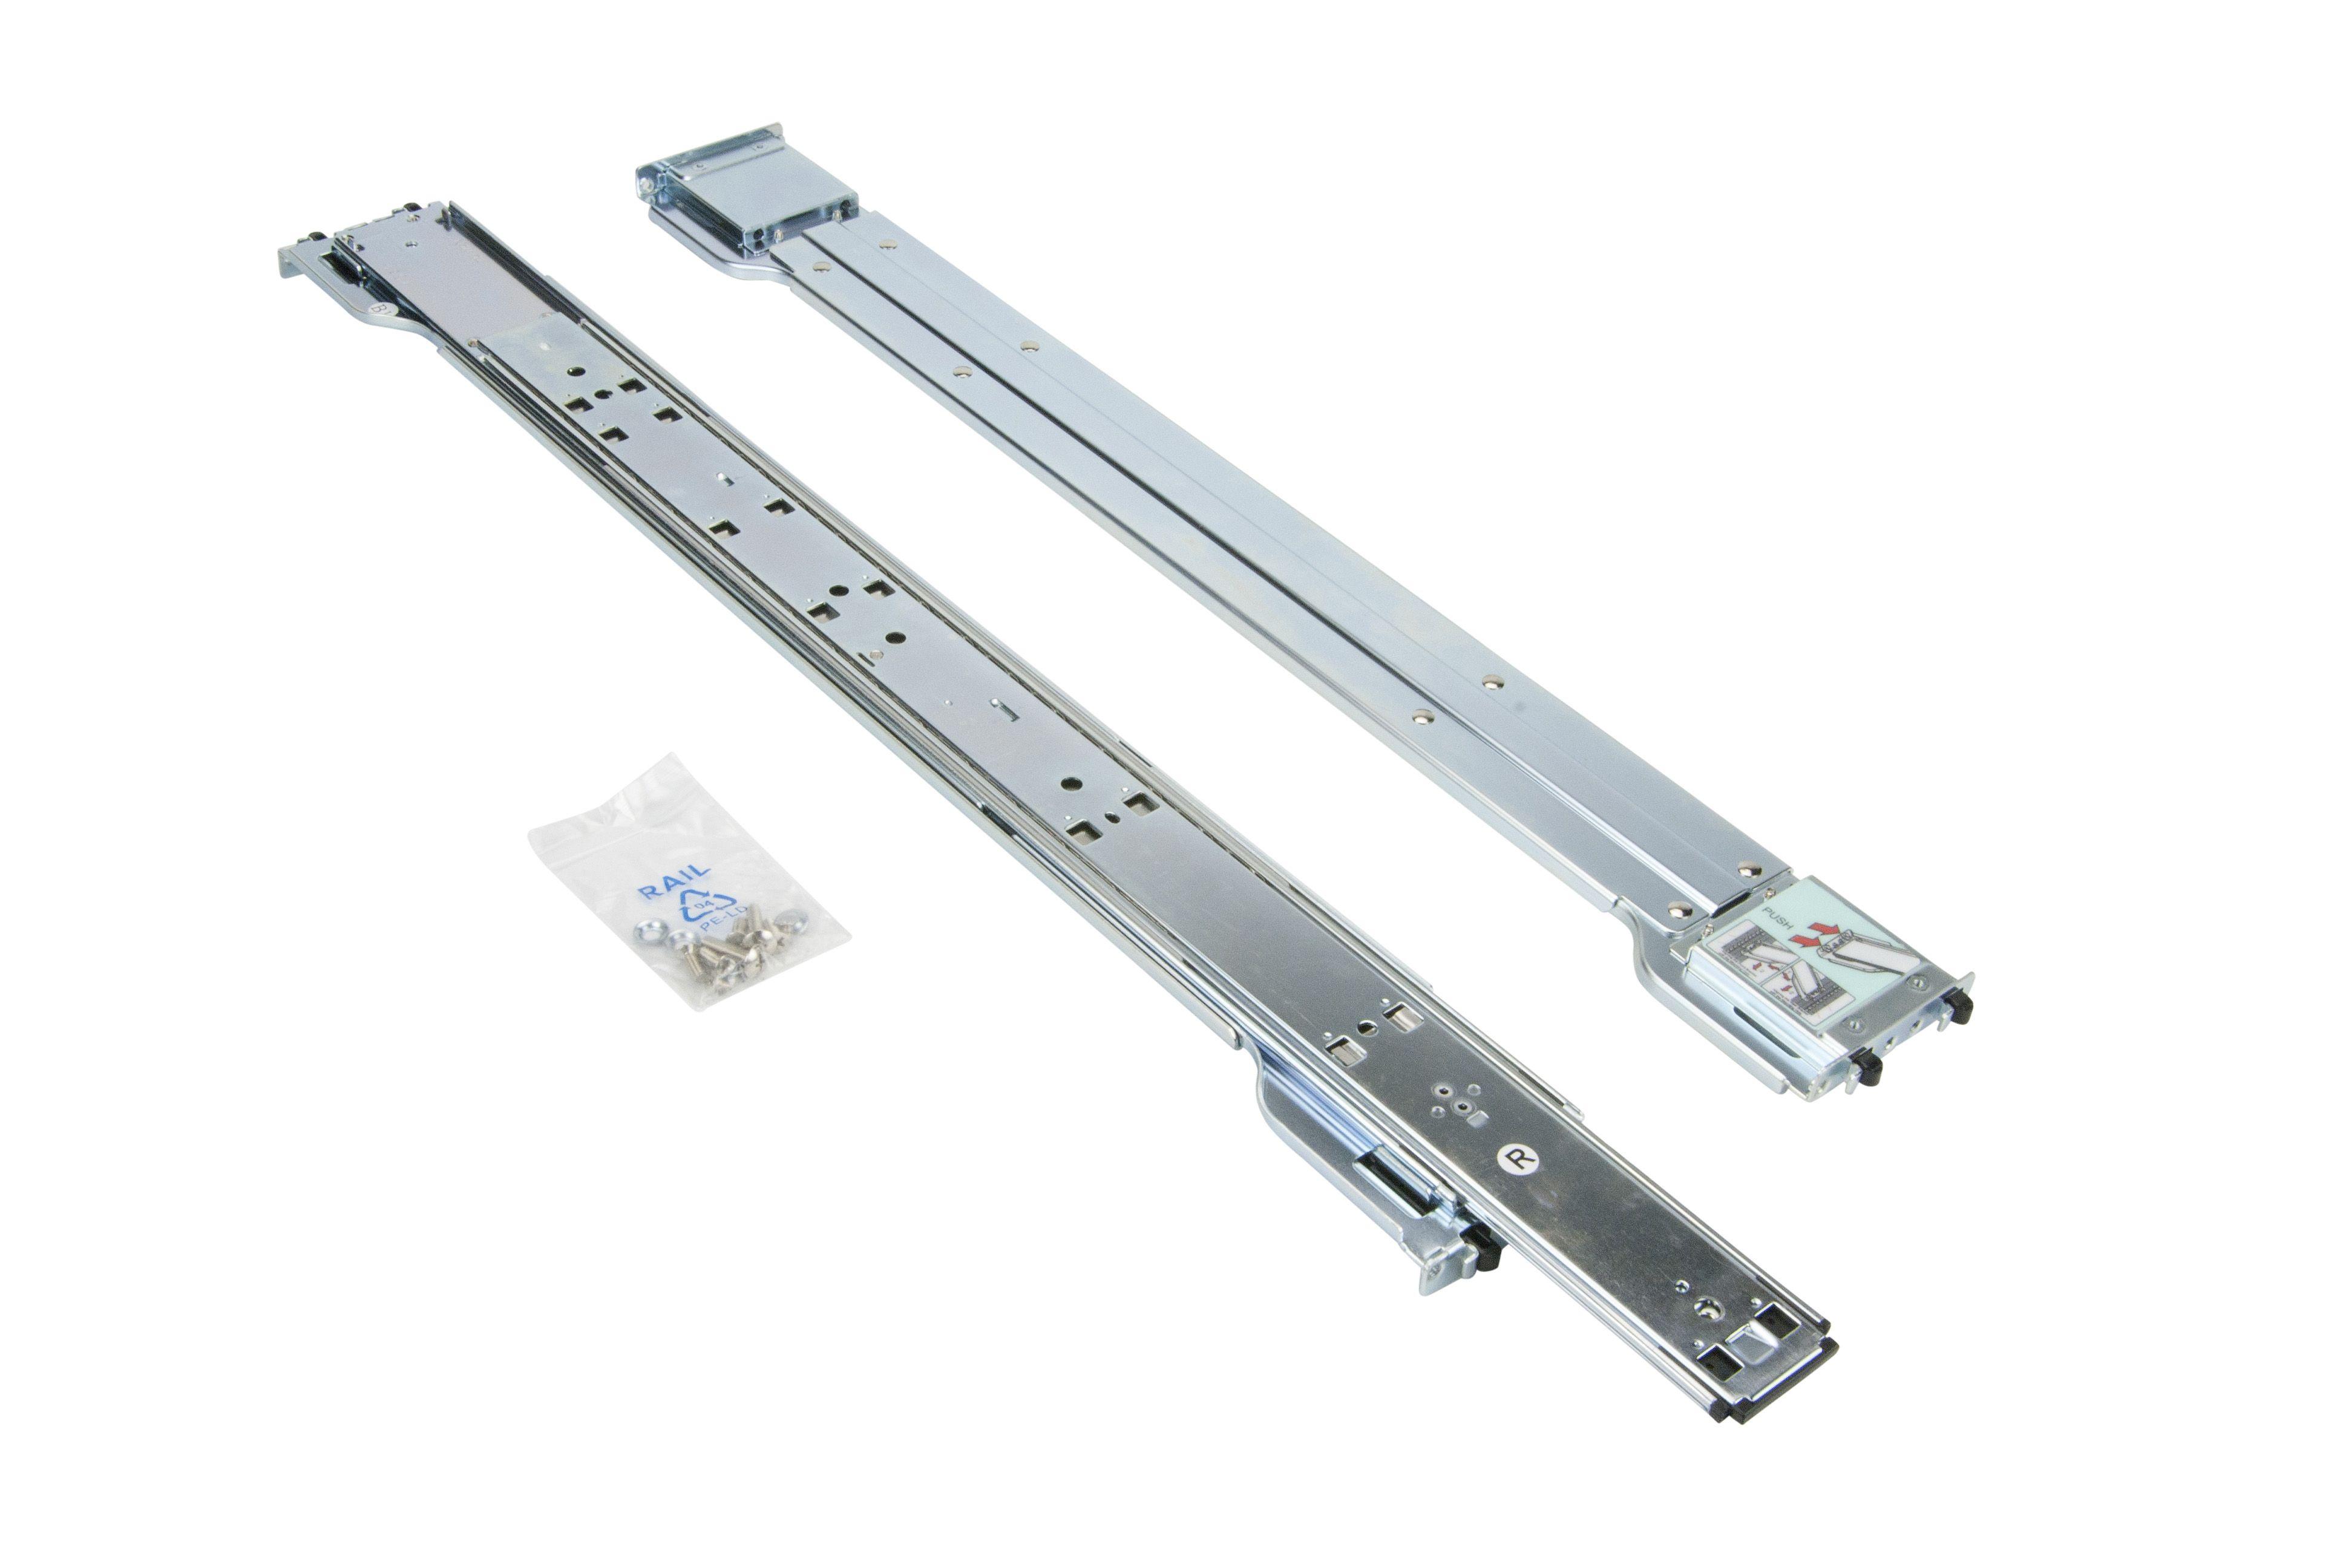 Supermicro 4U-5U Rail Kit (MCP-290-00057-0N)